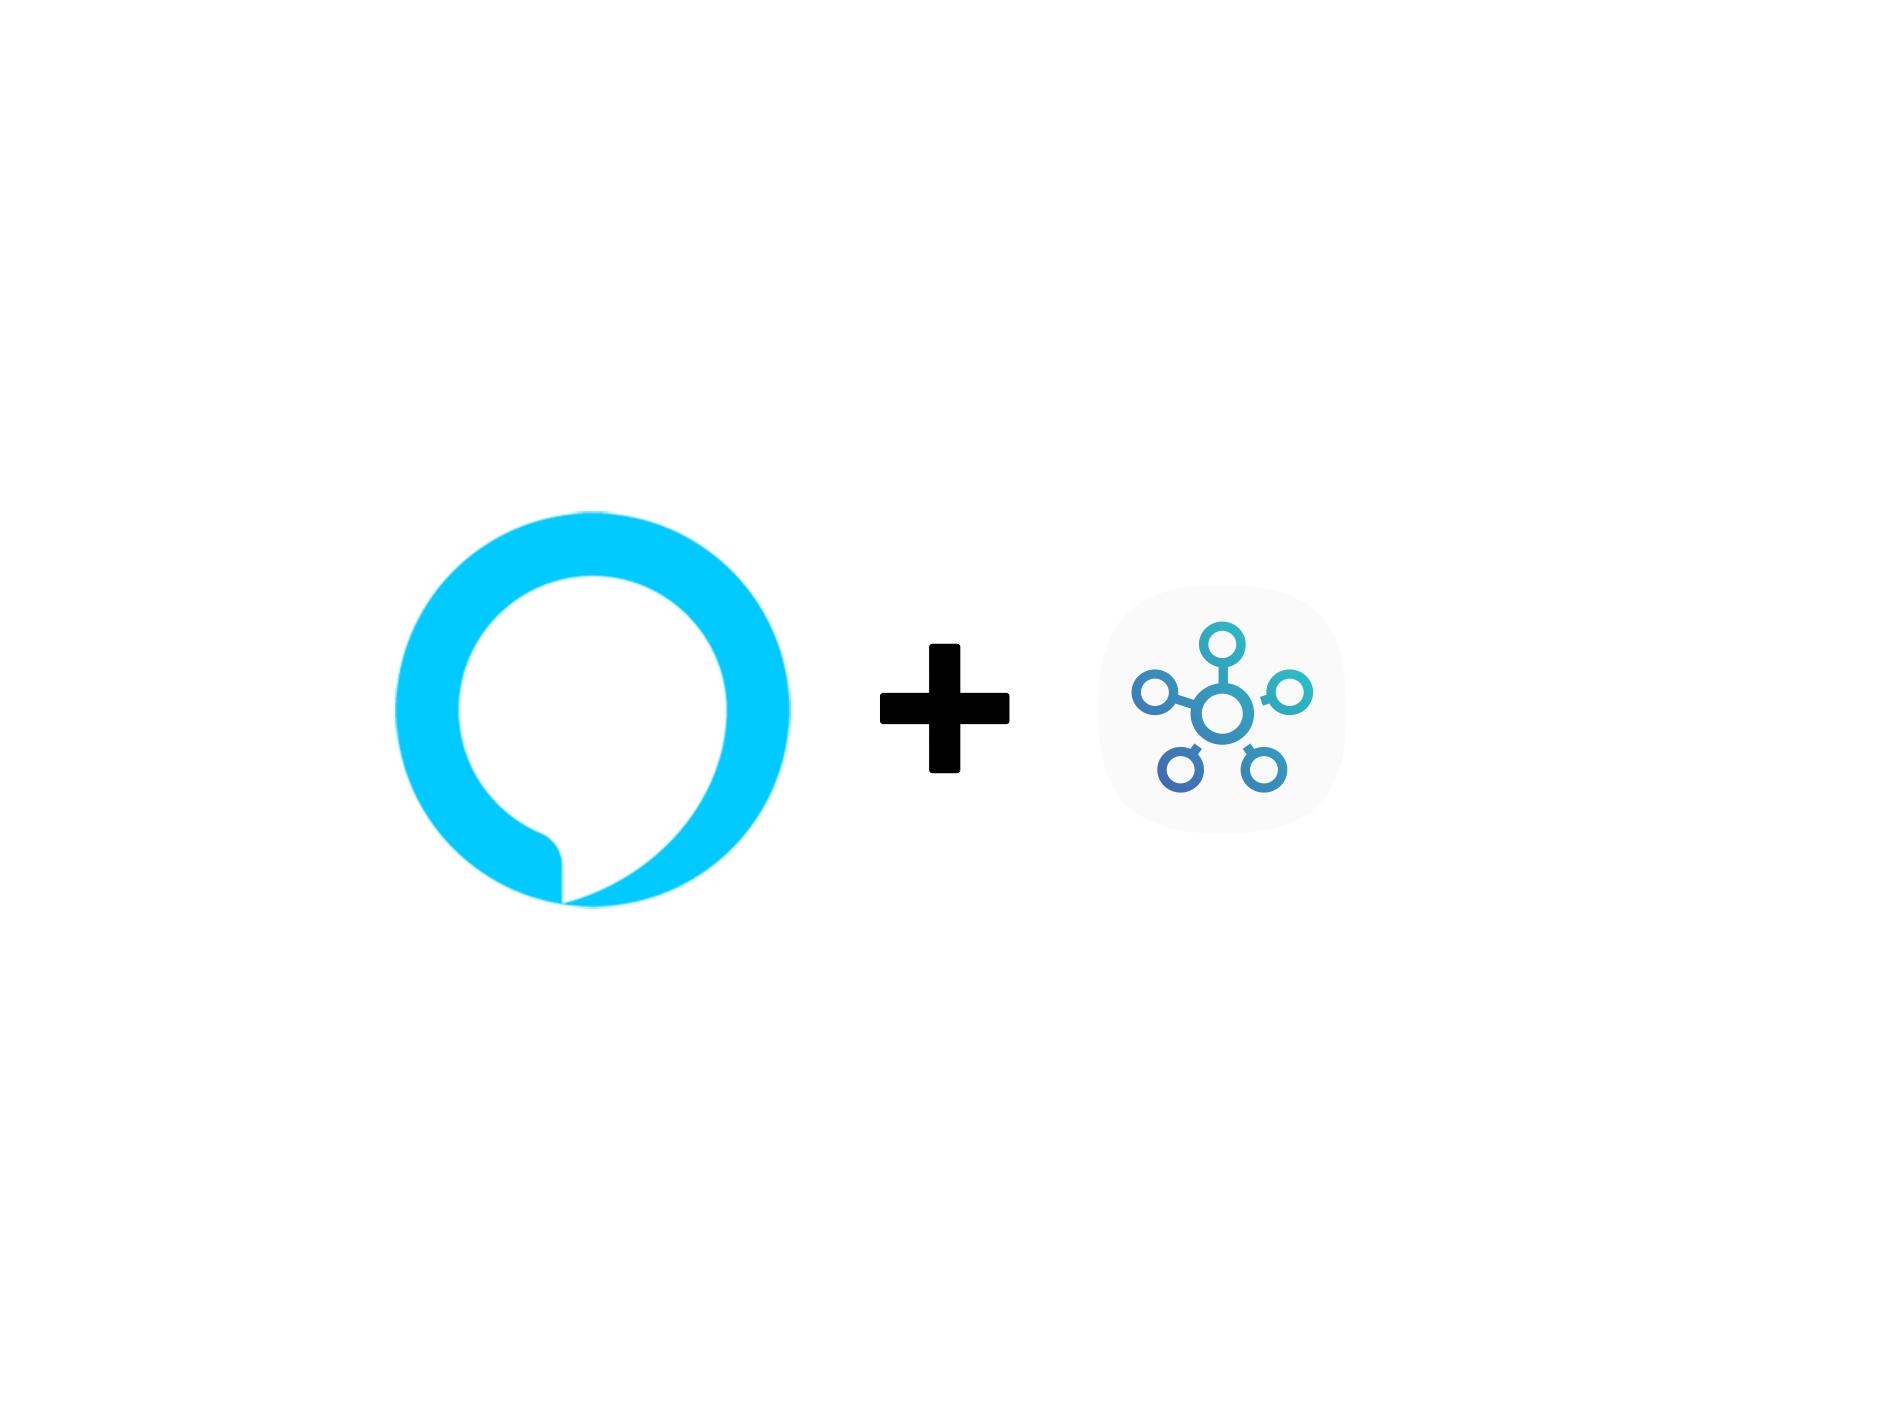 Alexa Logo, Plus symbol, and SmartThings Logo on White Background